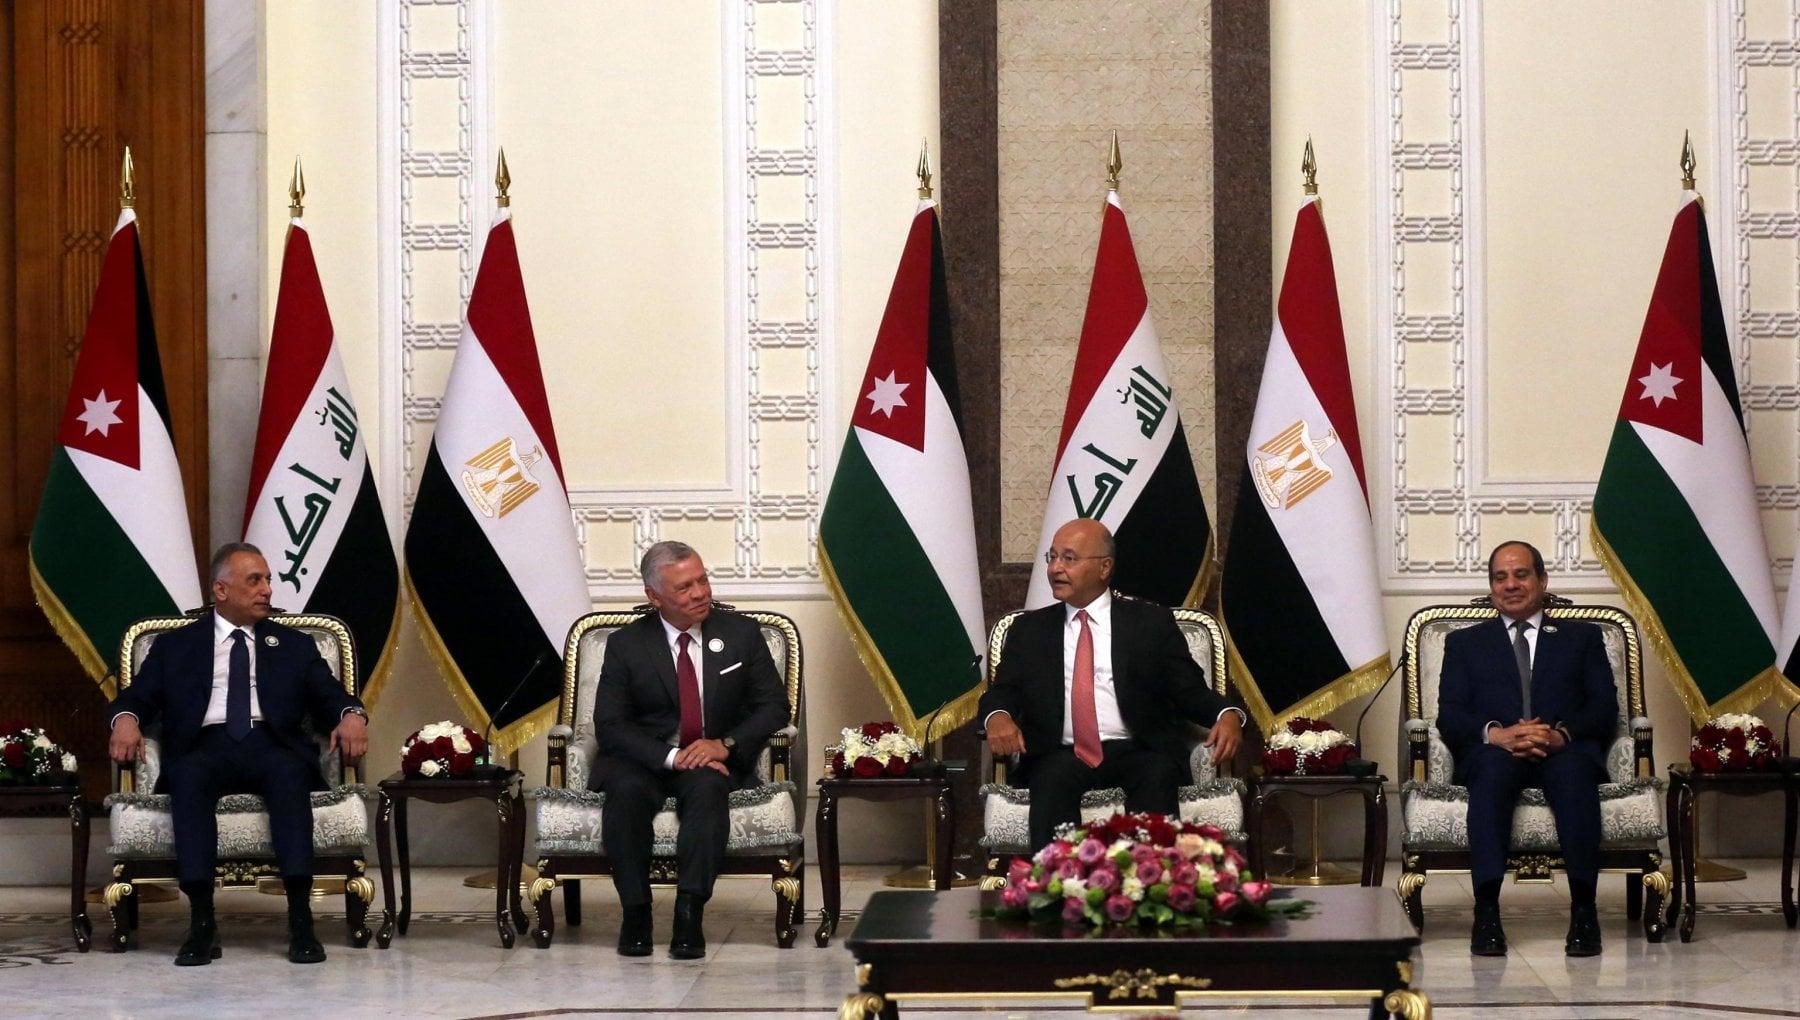 """210802613 7b38e8b3 c7ae 4e0d 86c3 6e6aa4f0d8ea - Storica visita di Al Sisi in Iraq con re Abdallah: una """"Alleanza araba"""" contro l'influenza iraniana"""